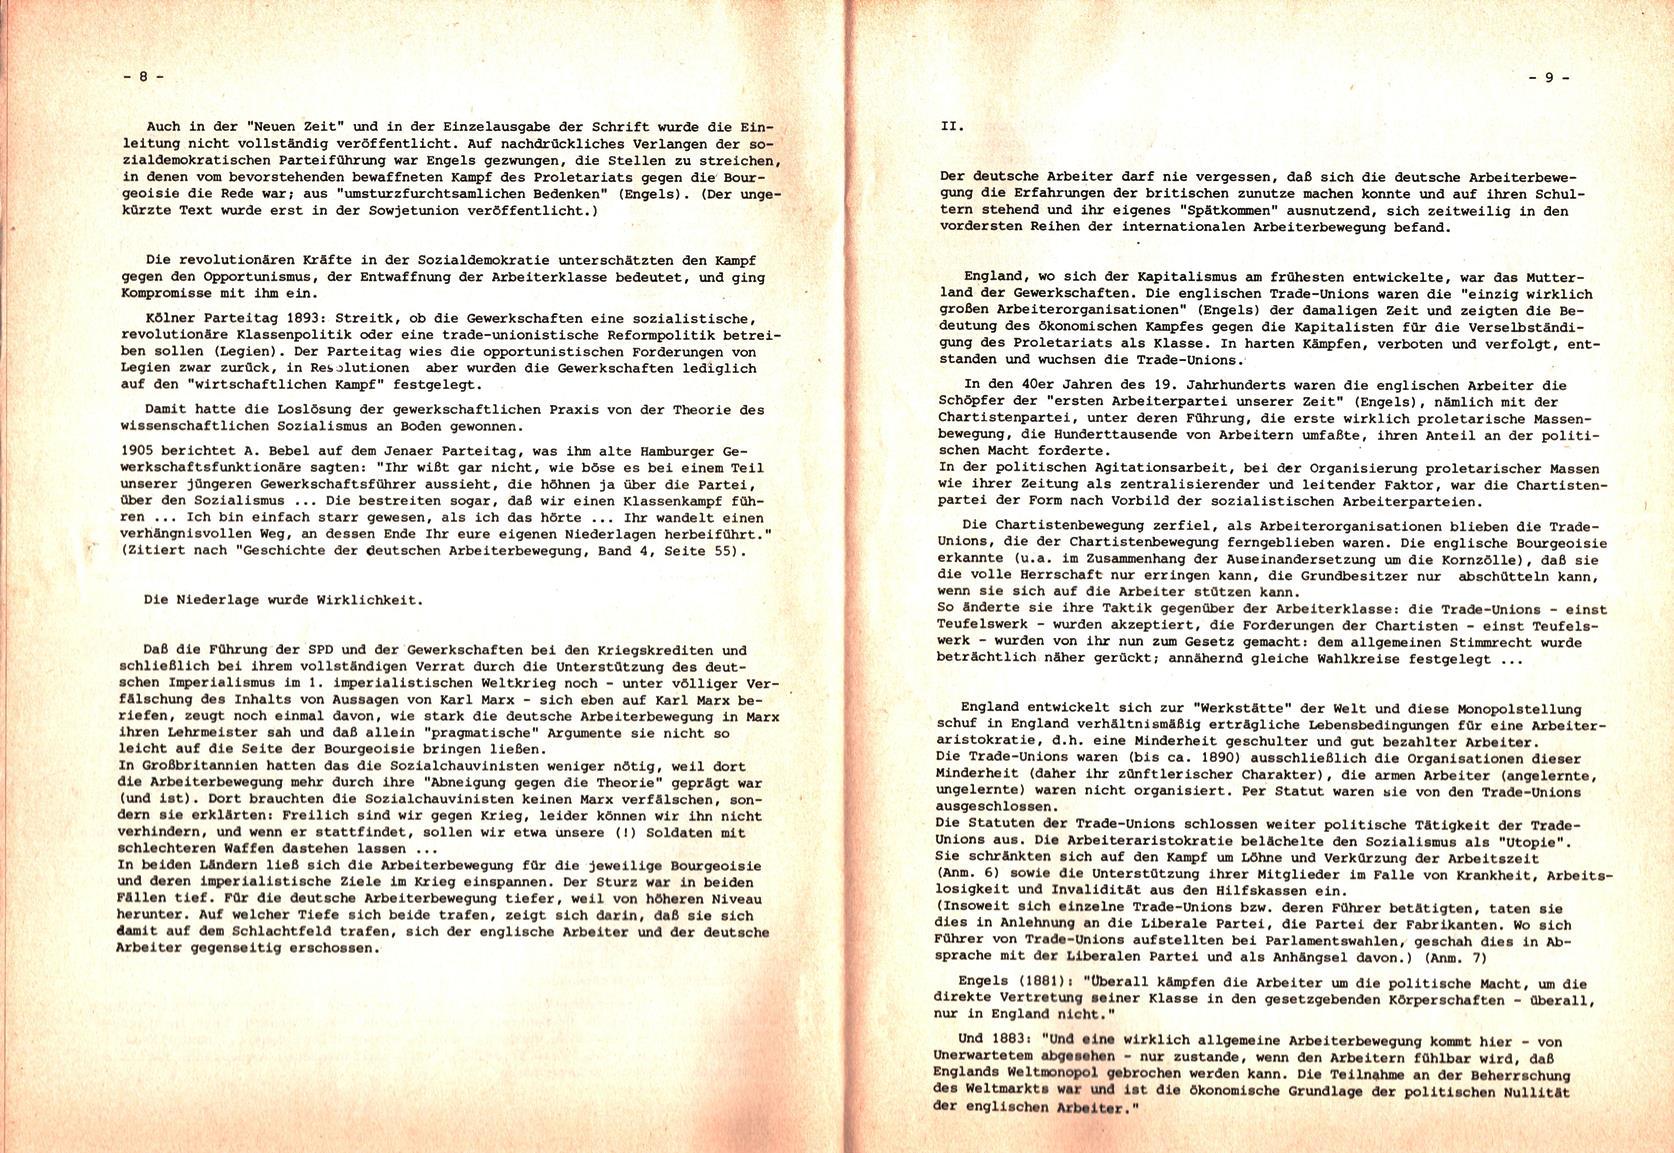 AB_Informationen_fuer_Genossen_19850117_005